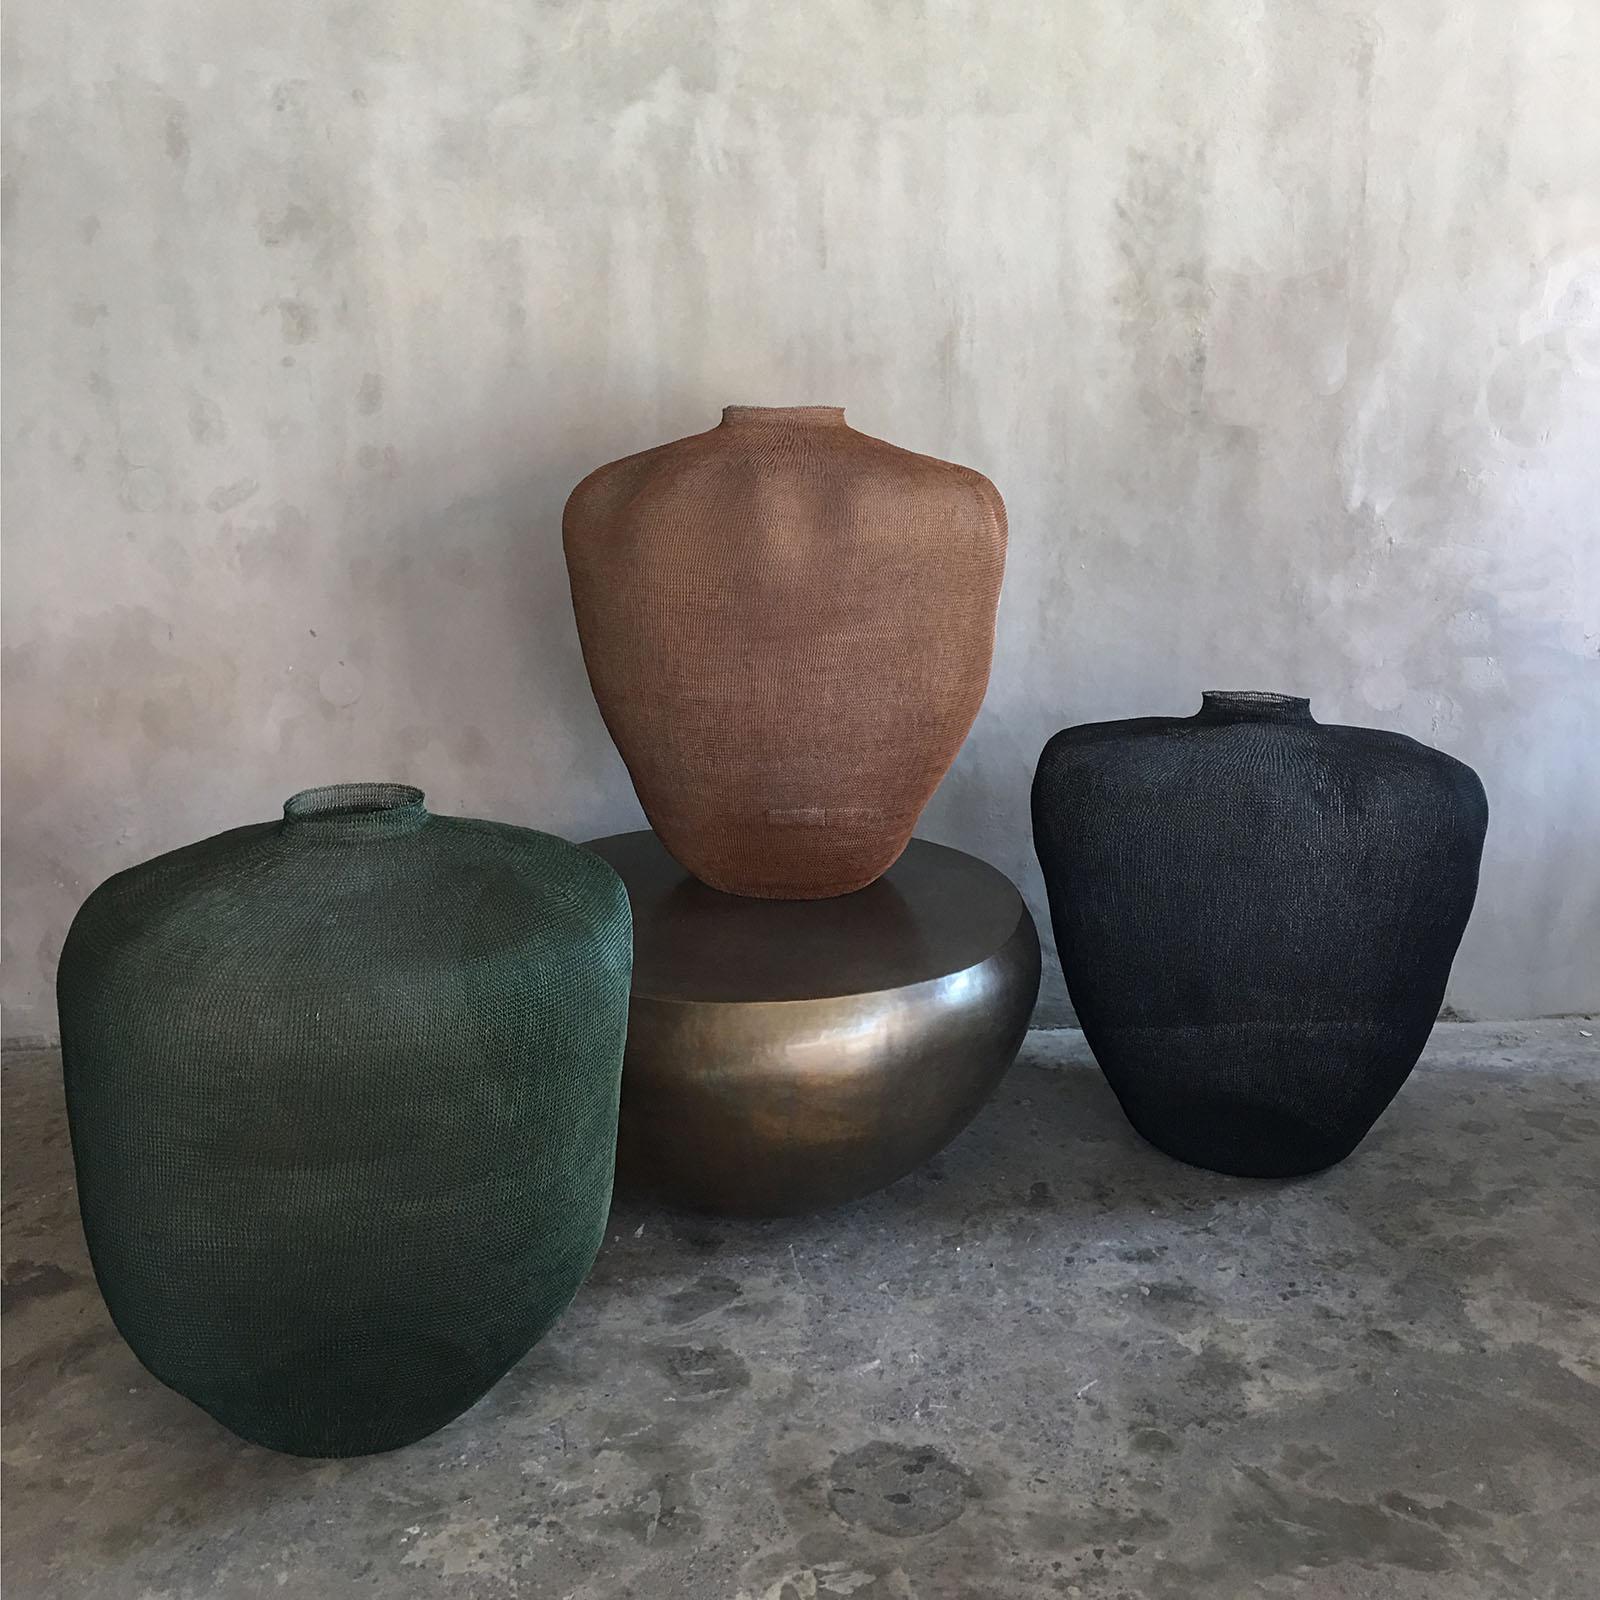 Asawa Urn Lampshades